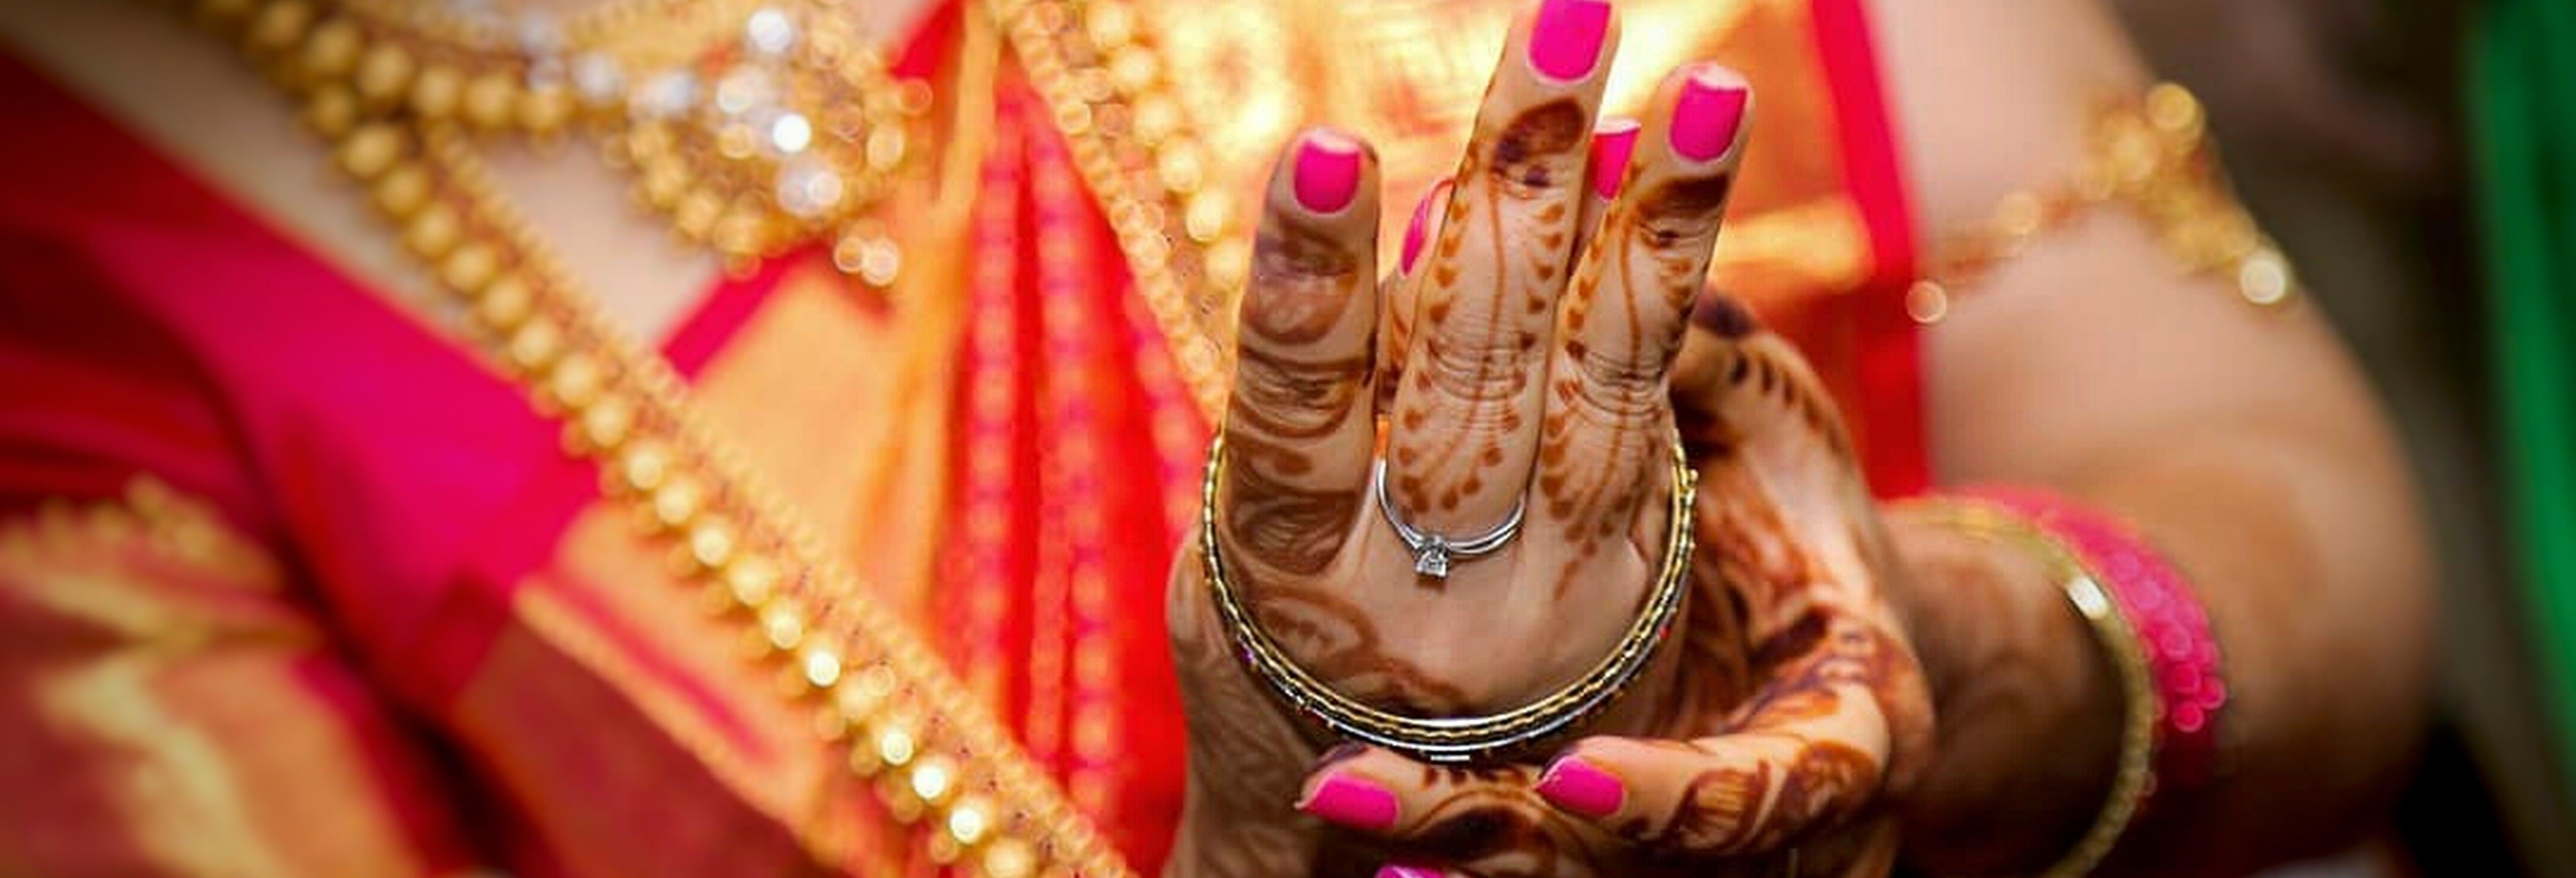 Casamento hindu. Case seguindo o ritual tradicional!